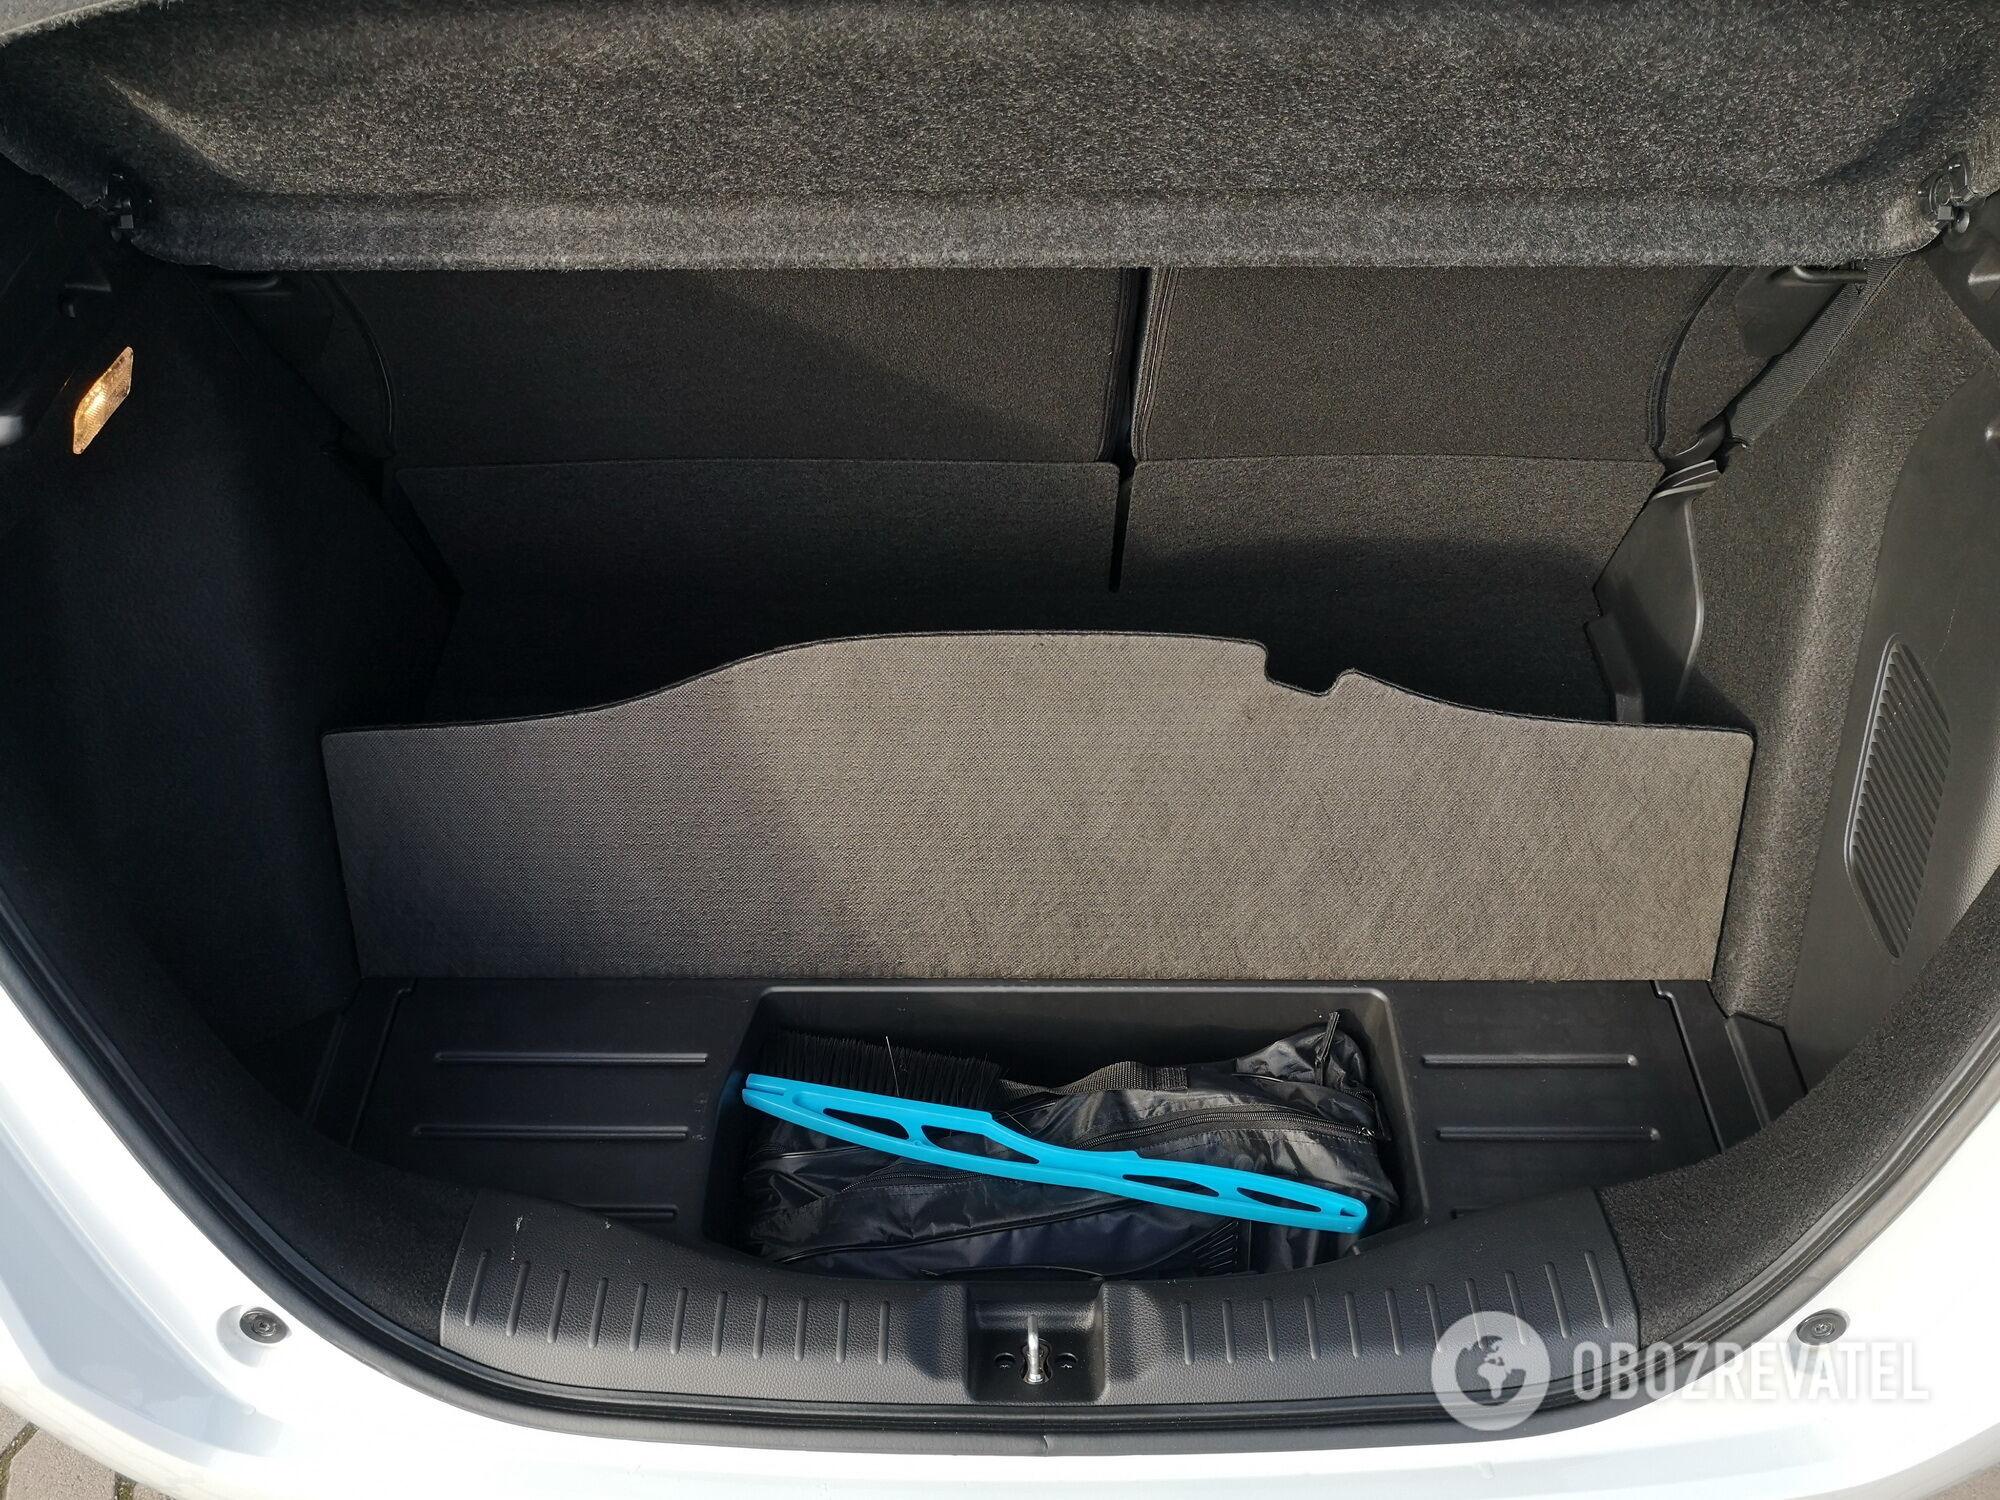 Под полом багажника есть отделение для инструментов